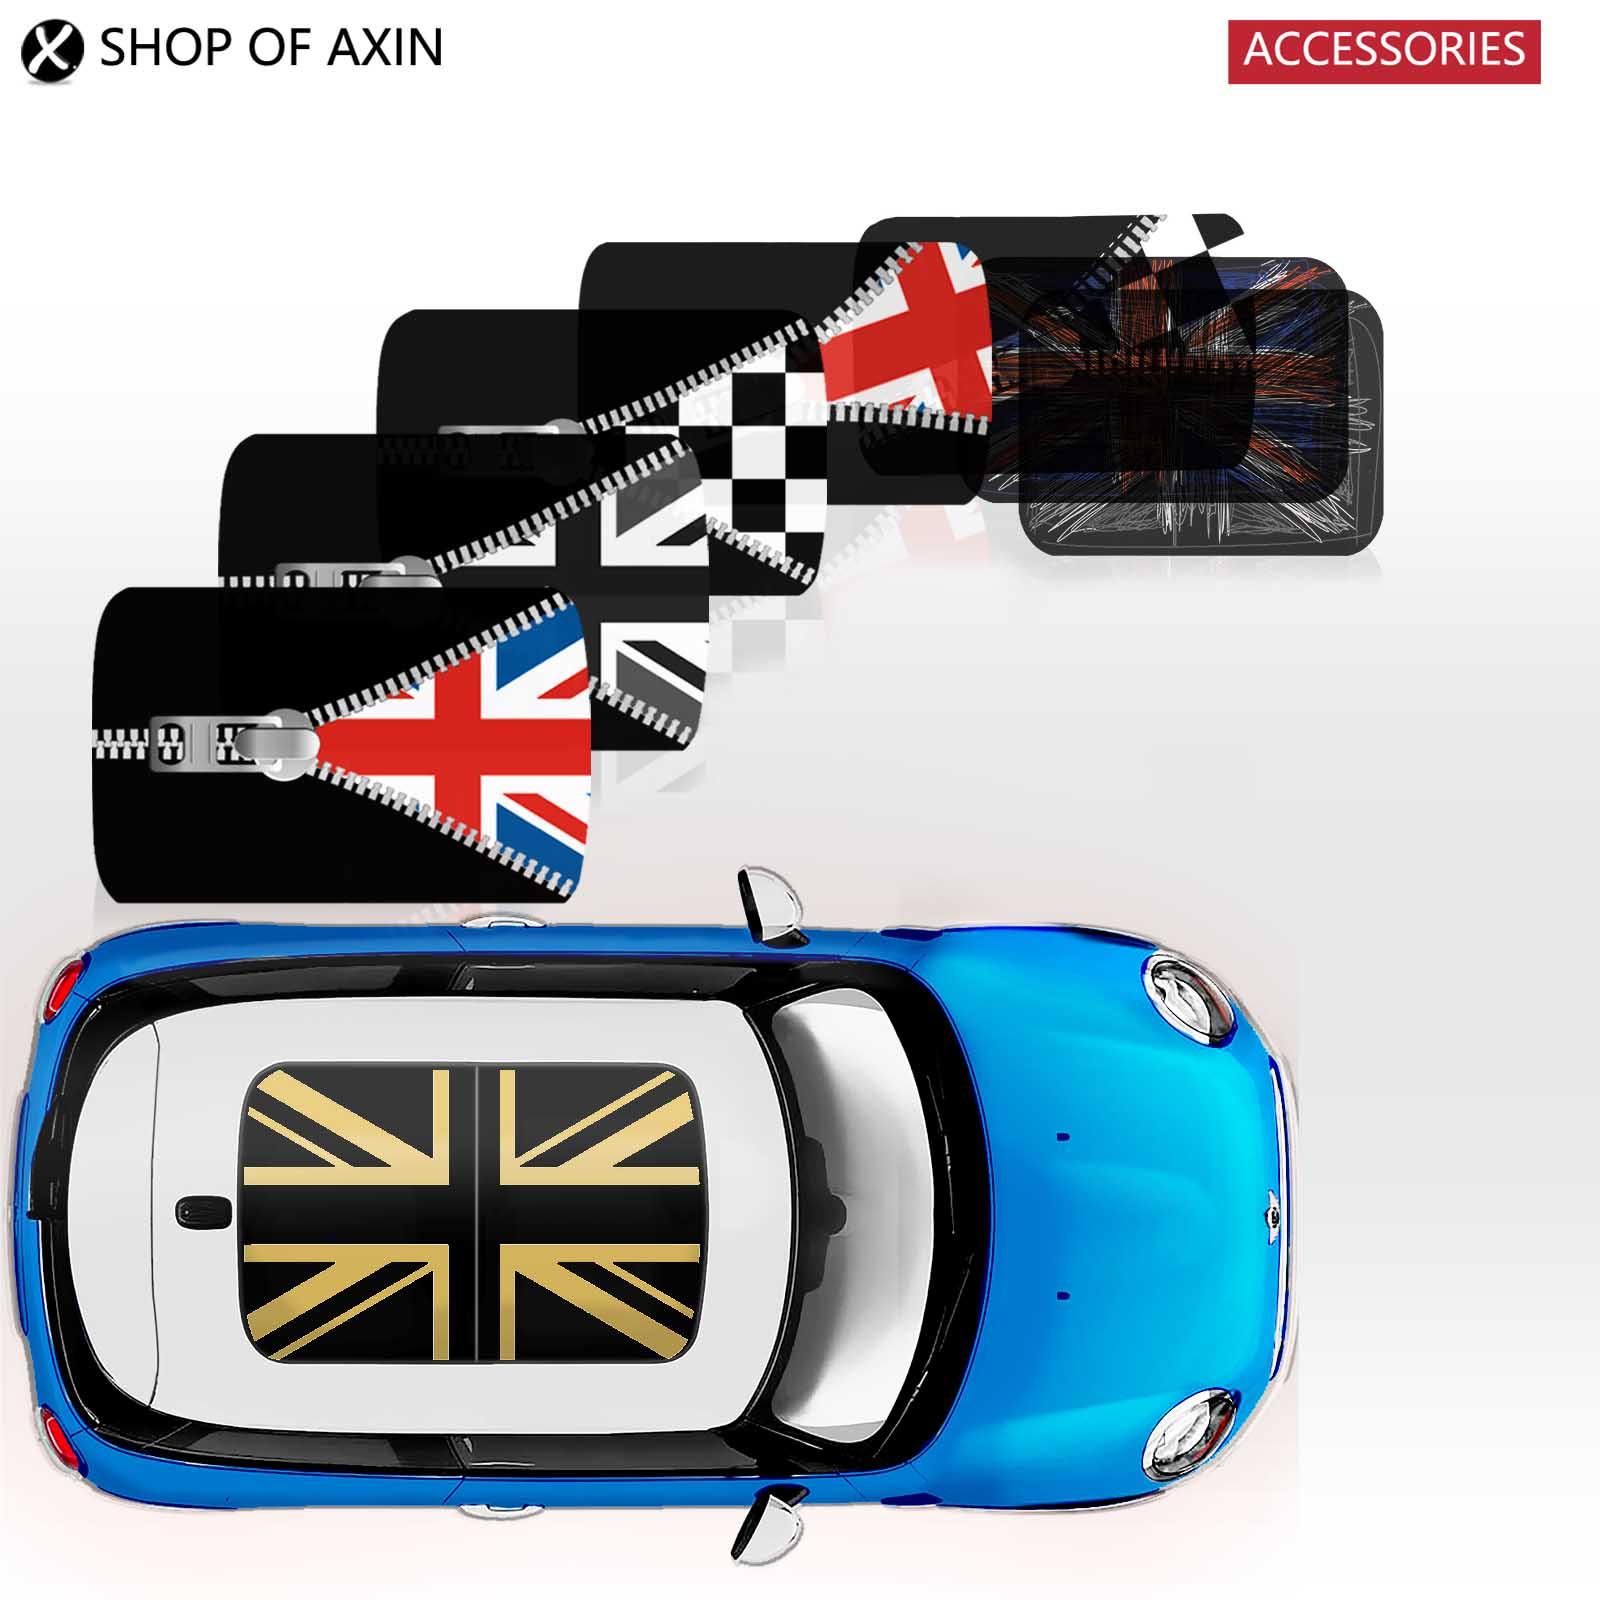 MINI sun roof Graphics stickers Sunroof for MINI Cooper clubman countryman hardtop R50 R53 R55 R56 R60 R61 F54 F55 F56 F60 revell mini cooper